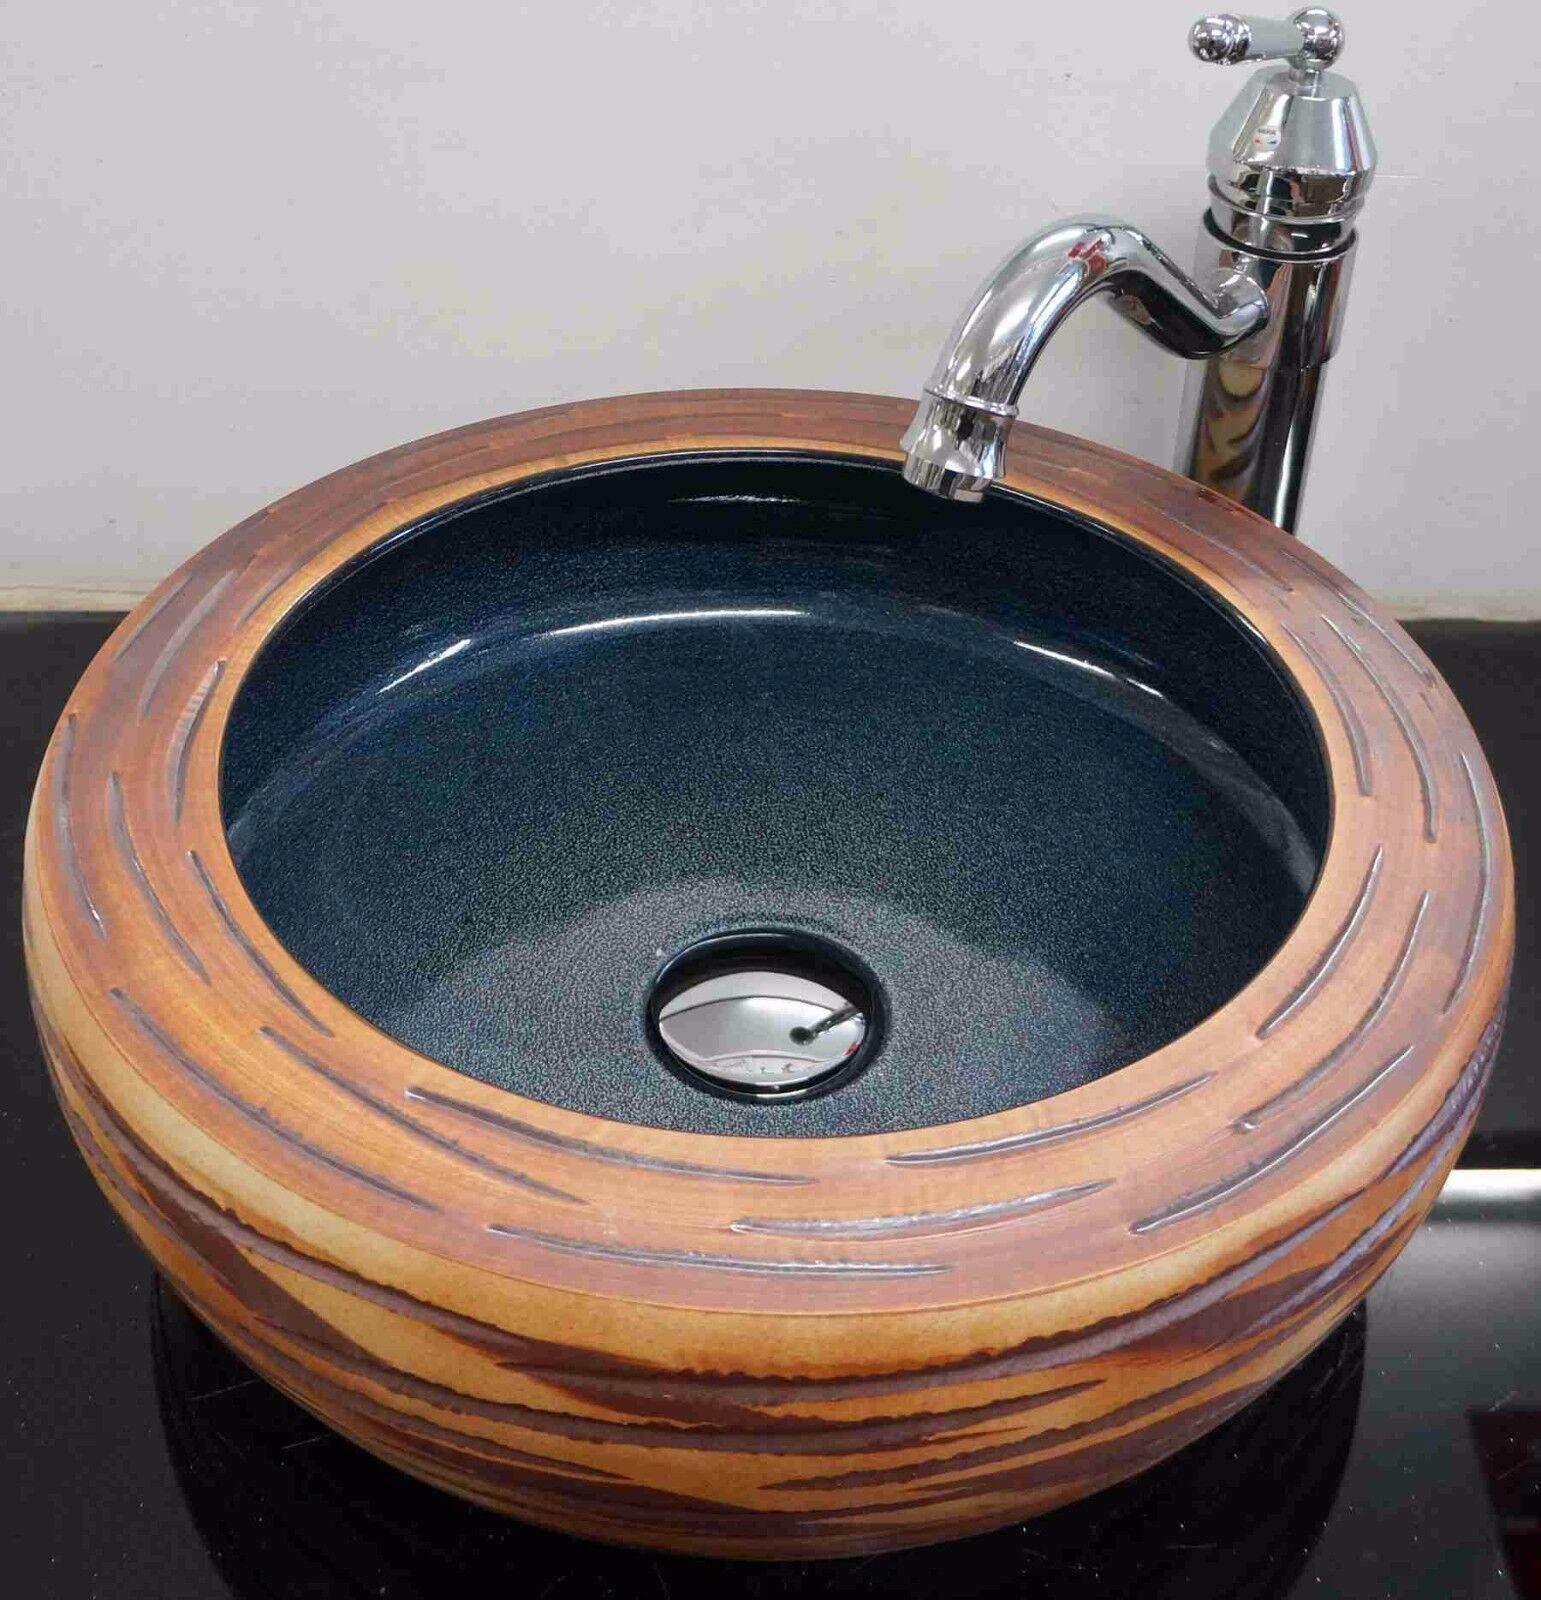 Effet Pierre Salle de Bain Vestiaire en céramique de comptoir lavabo évier Lavage Bol